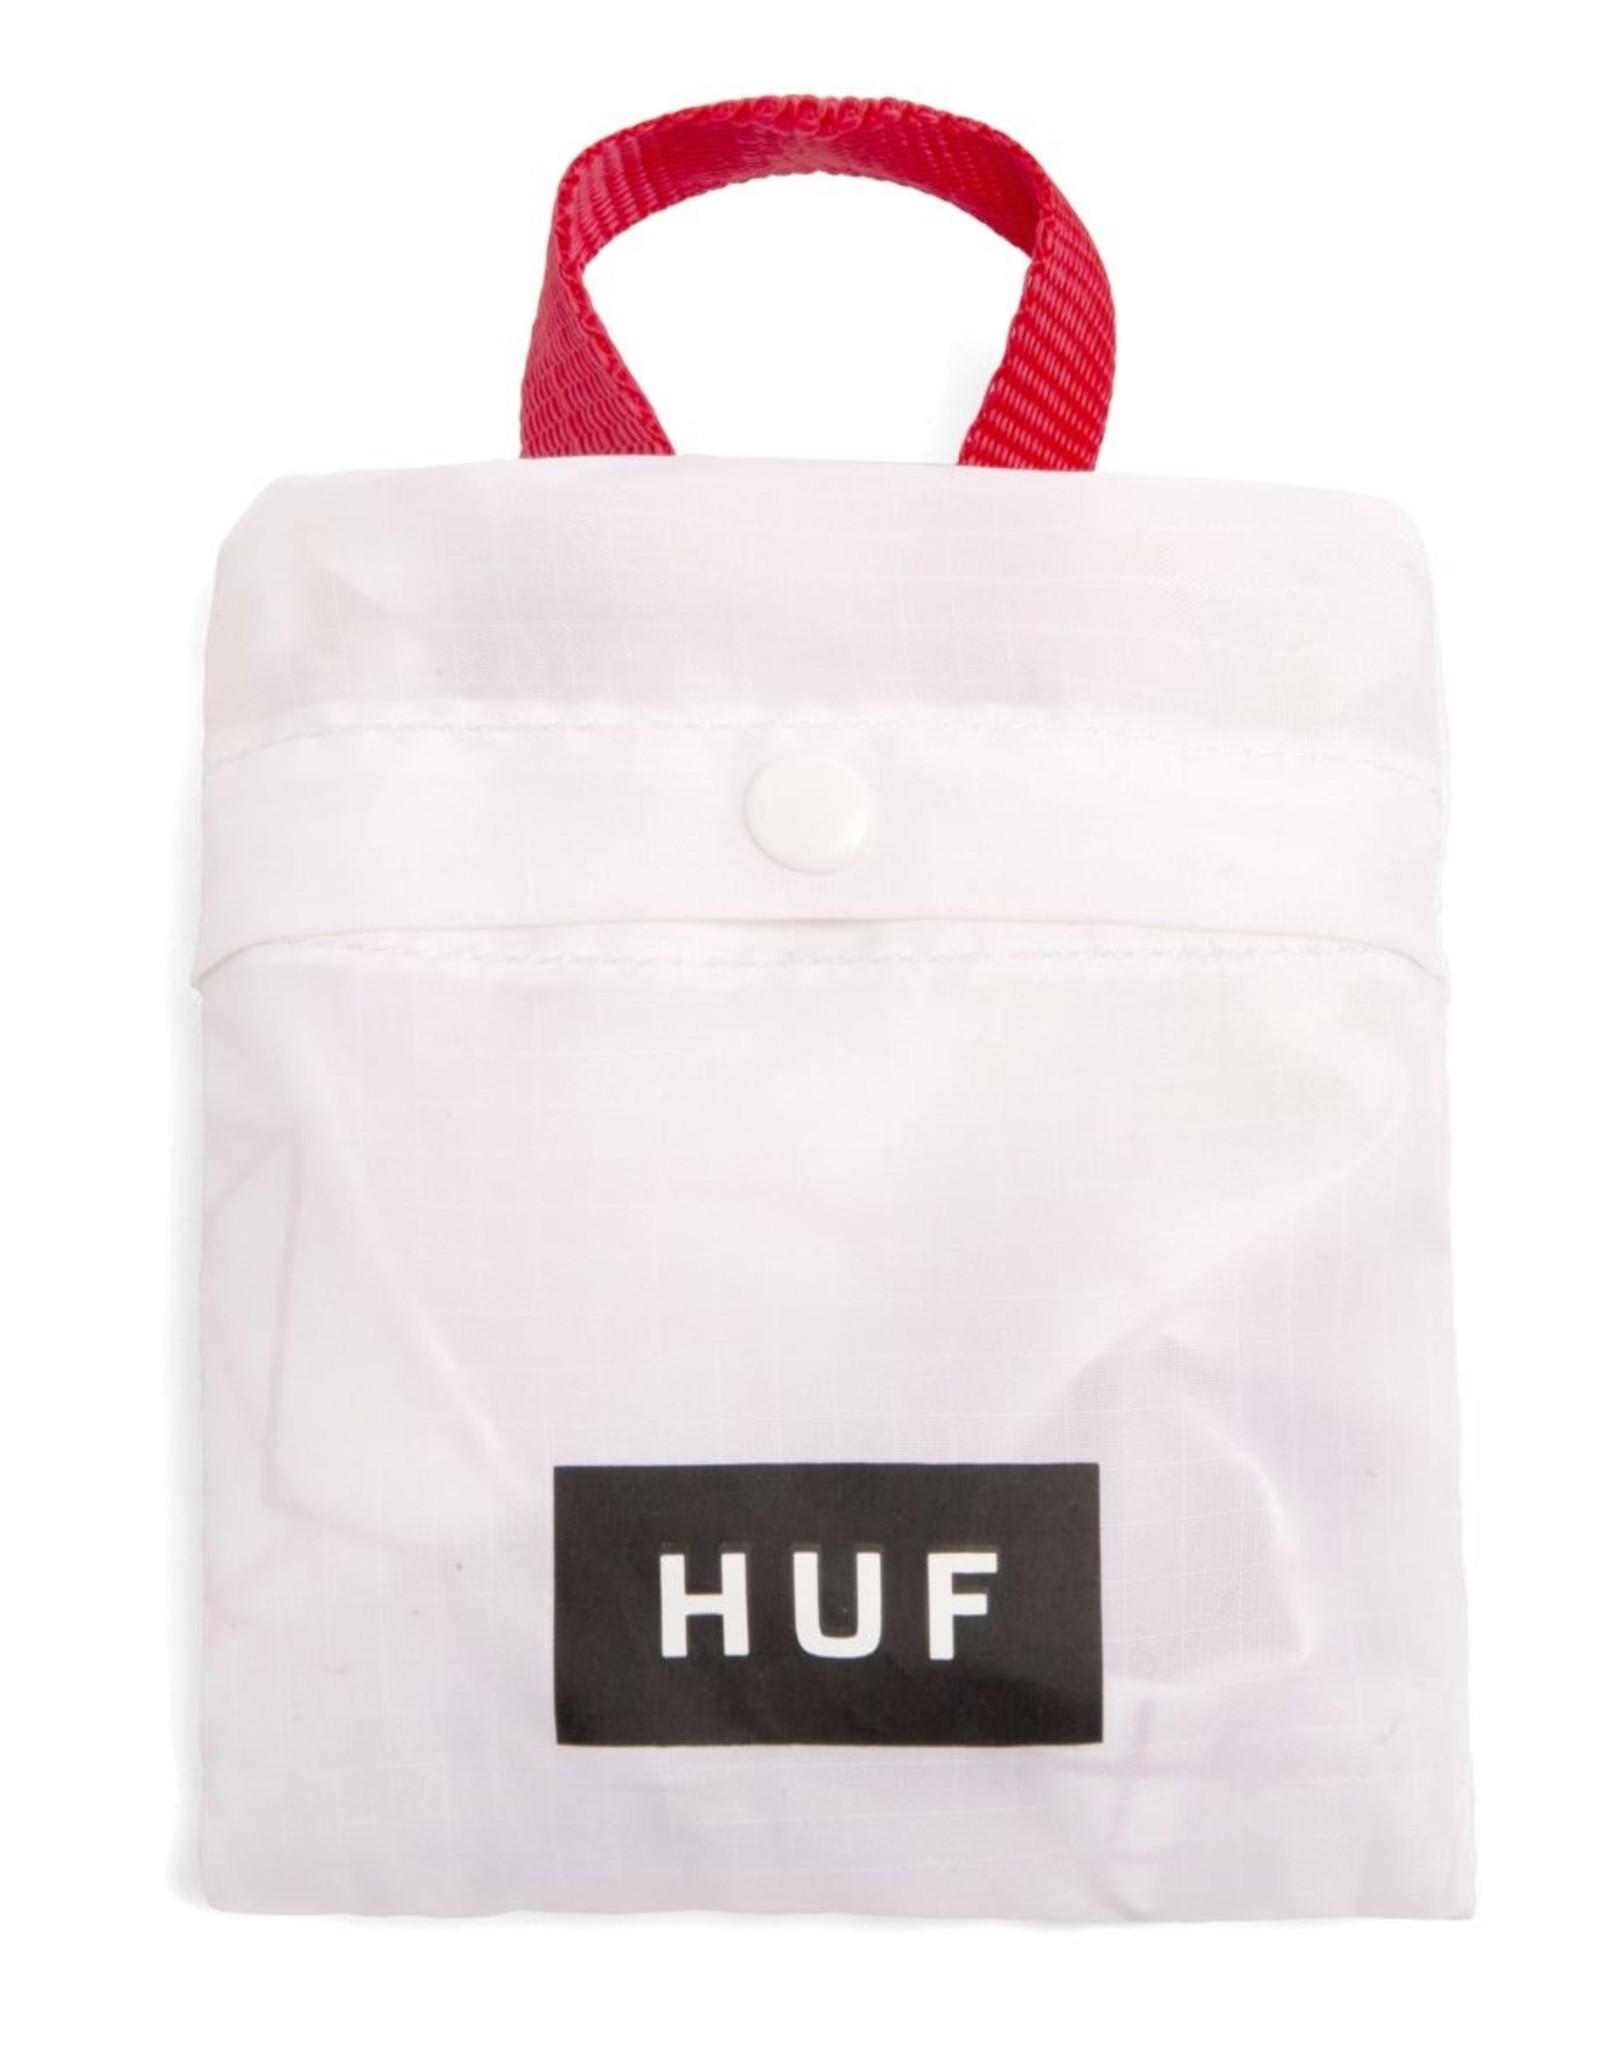 HUF FUCK IT PACKABLE BODEGA BAG - WHITE